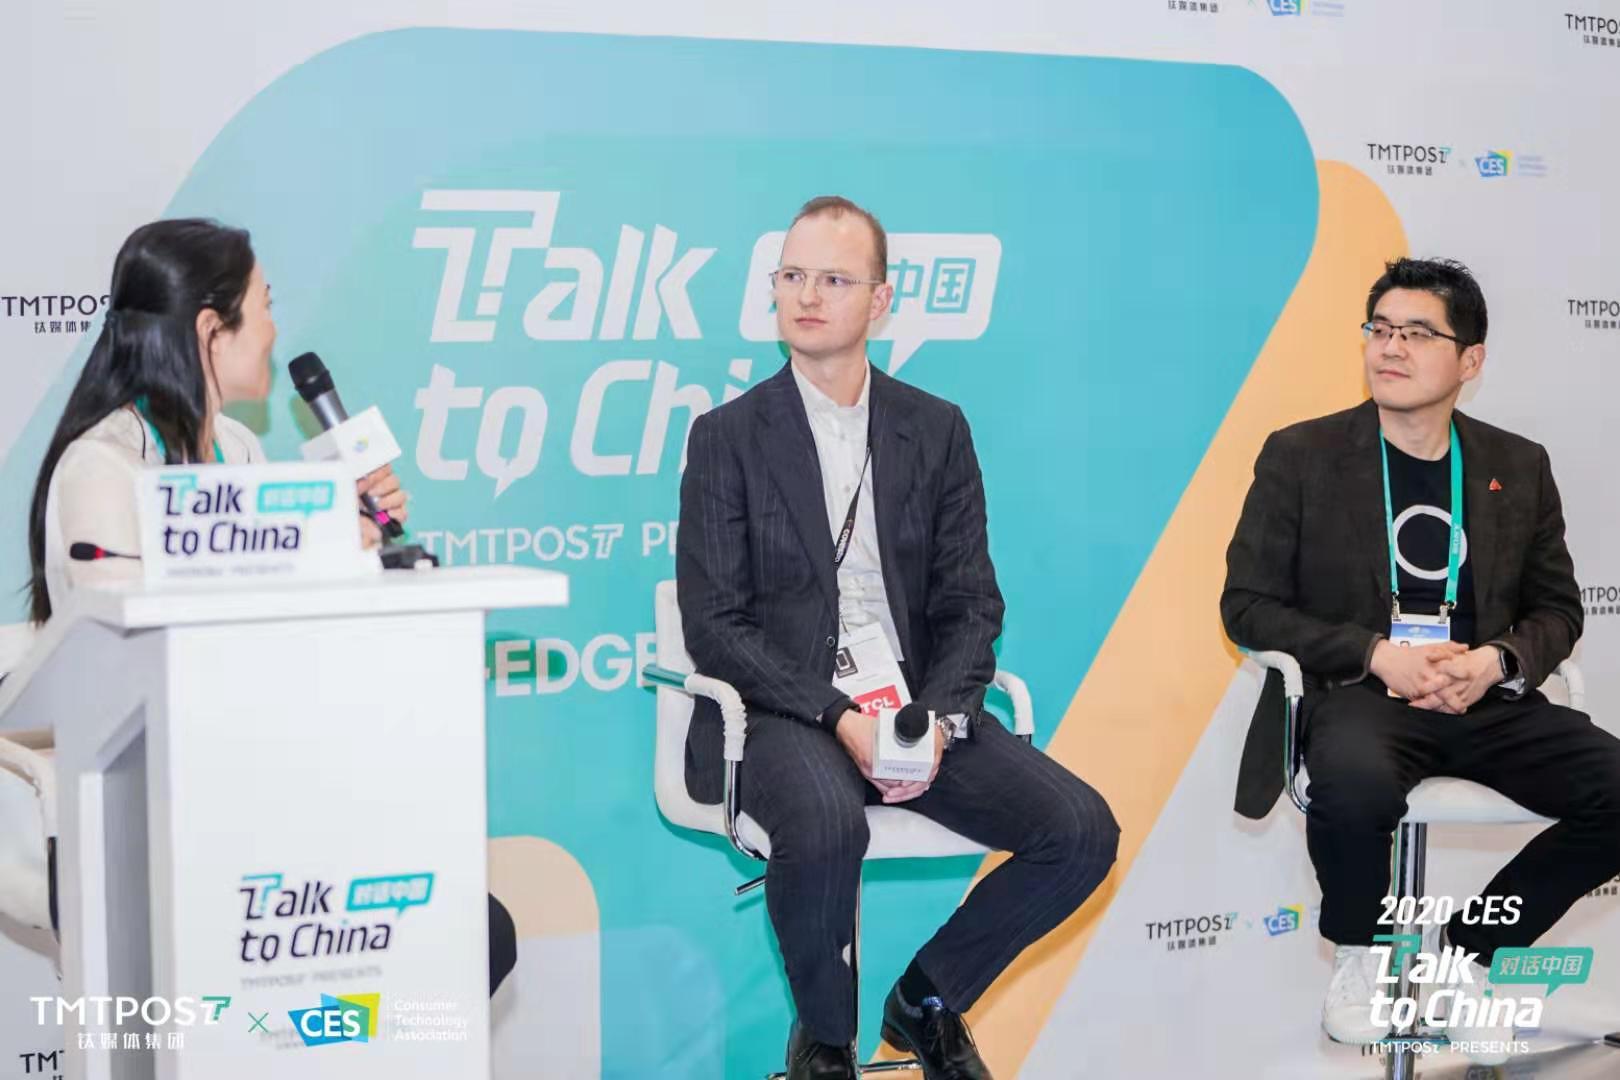 万物互联的商业化,需要怎样的新材料、新终端和新的解决方案? | CES 2020